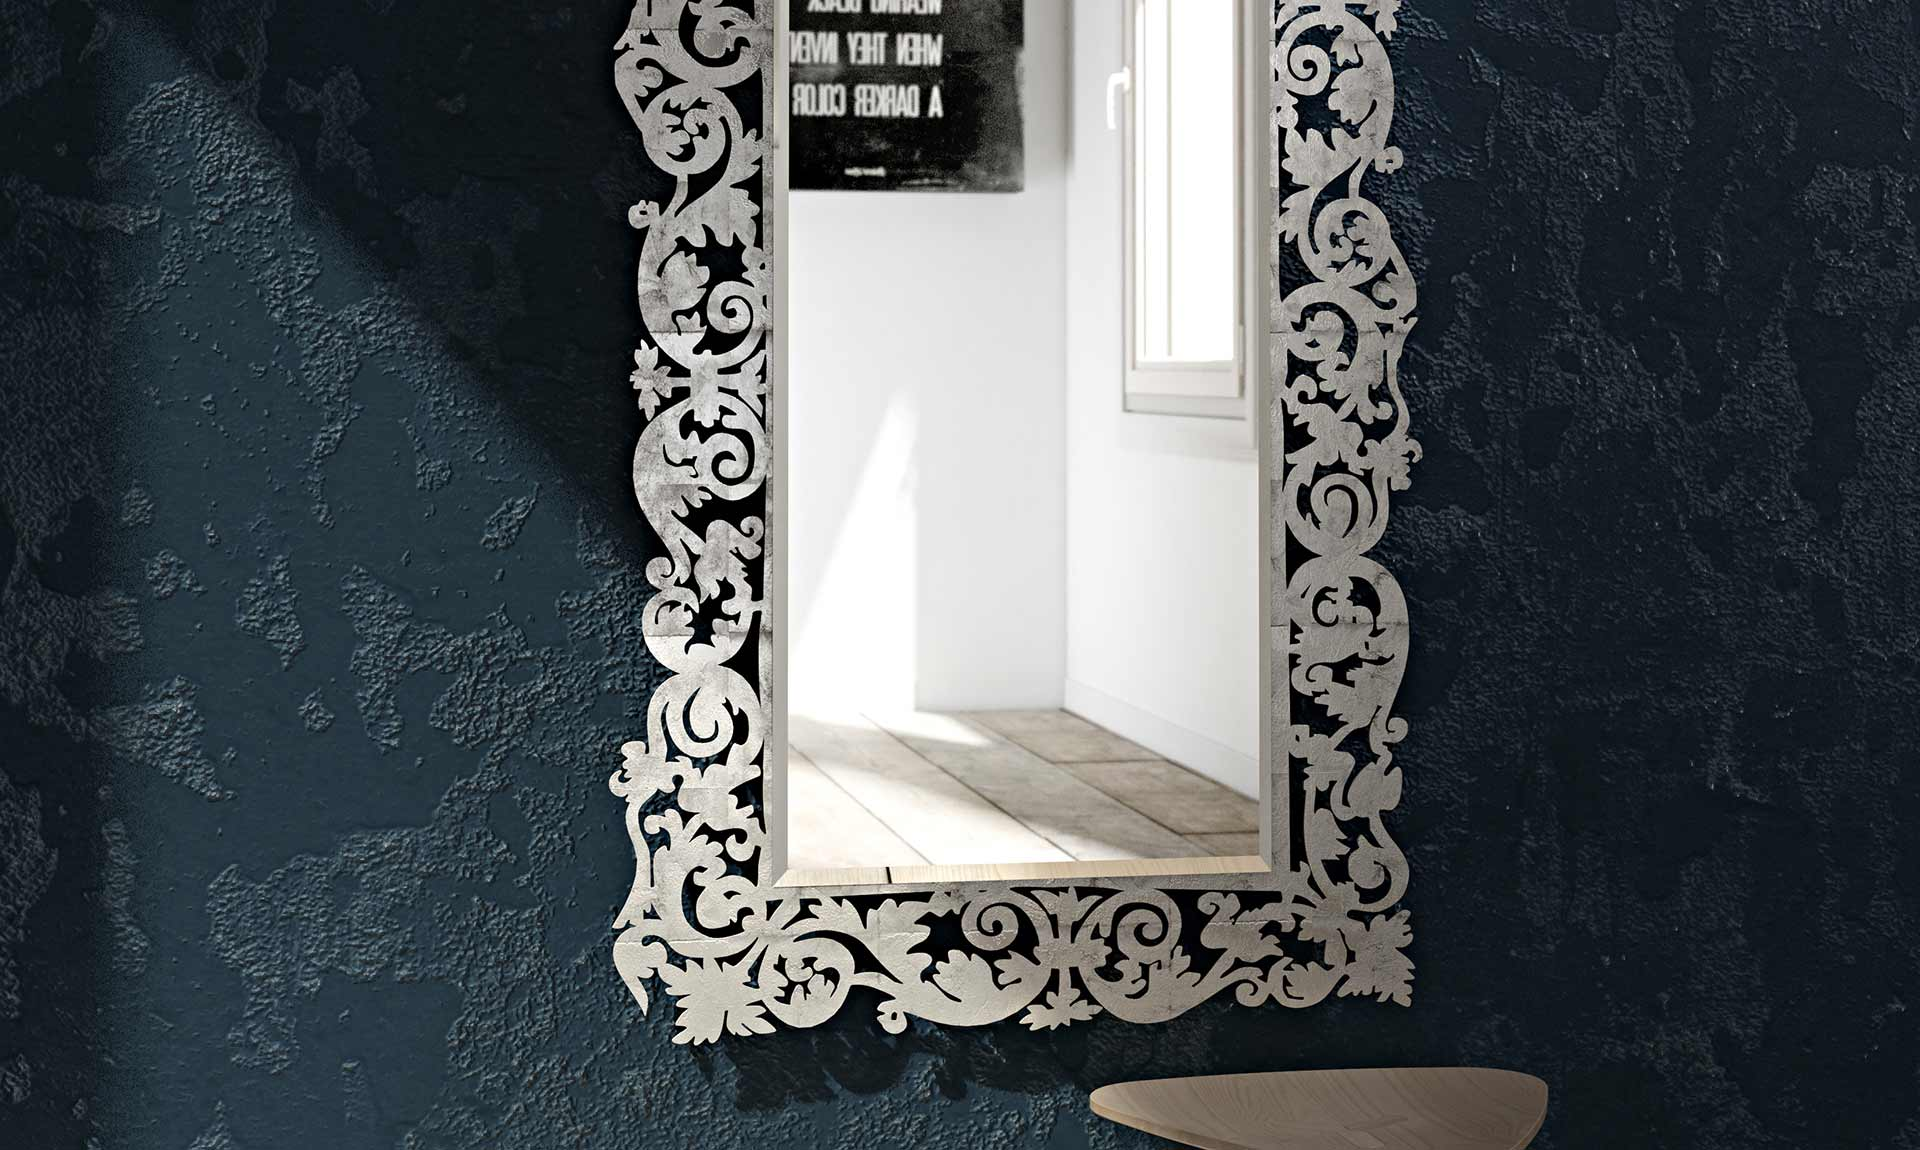 Specchio classico romantico meroni arreda - Specchio romantico riflessi prezzo ...